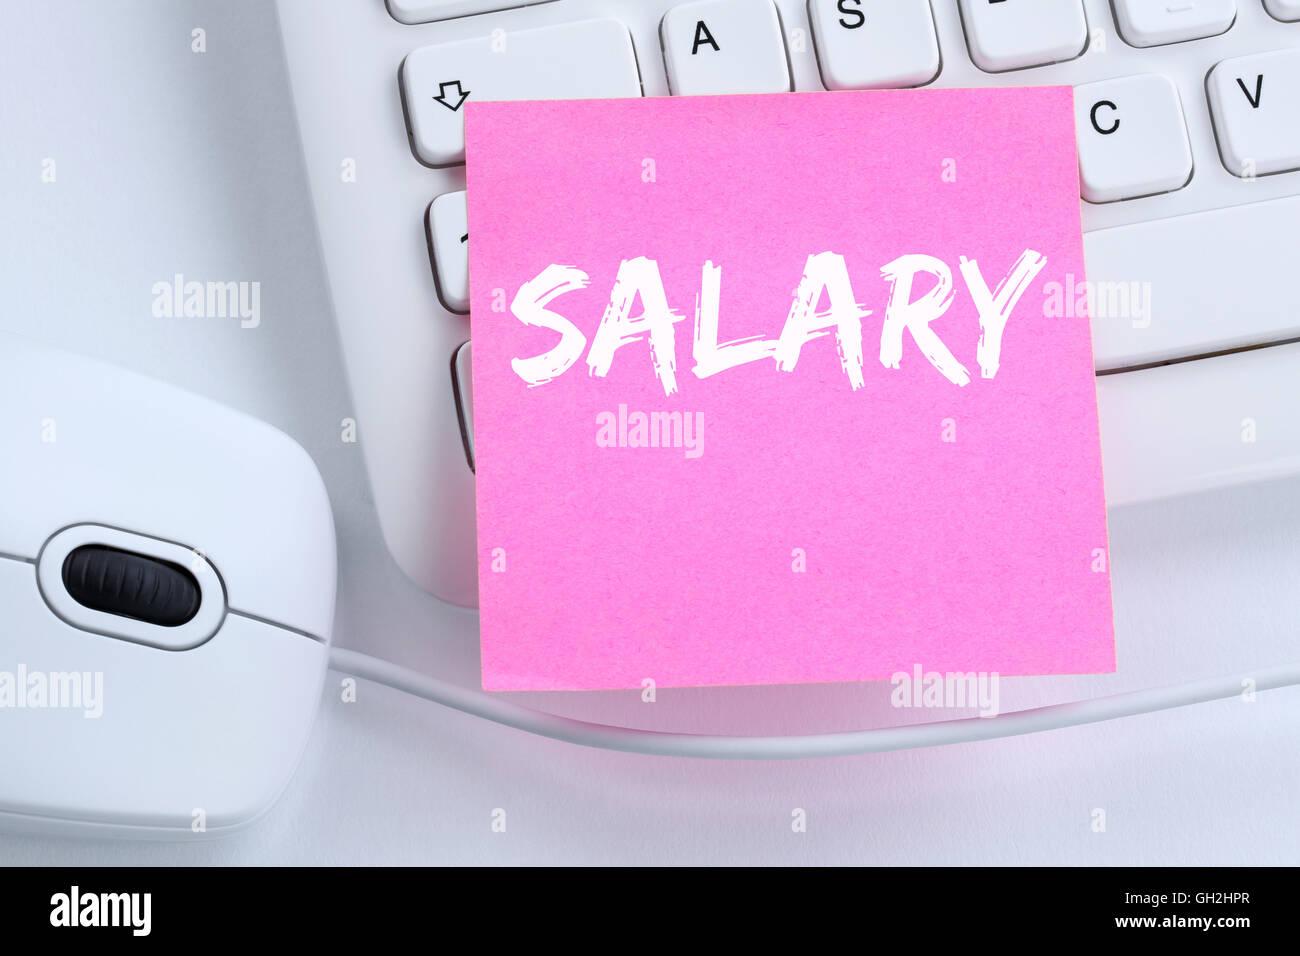 Aumento de sueldo negociación salarial dinero finanzas concepto de negocio oficina teclado de ordenador Imagen De Stock